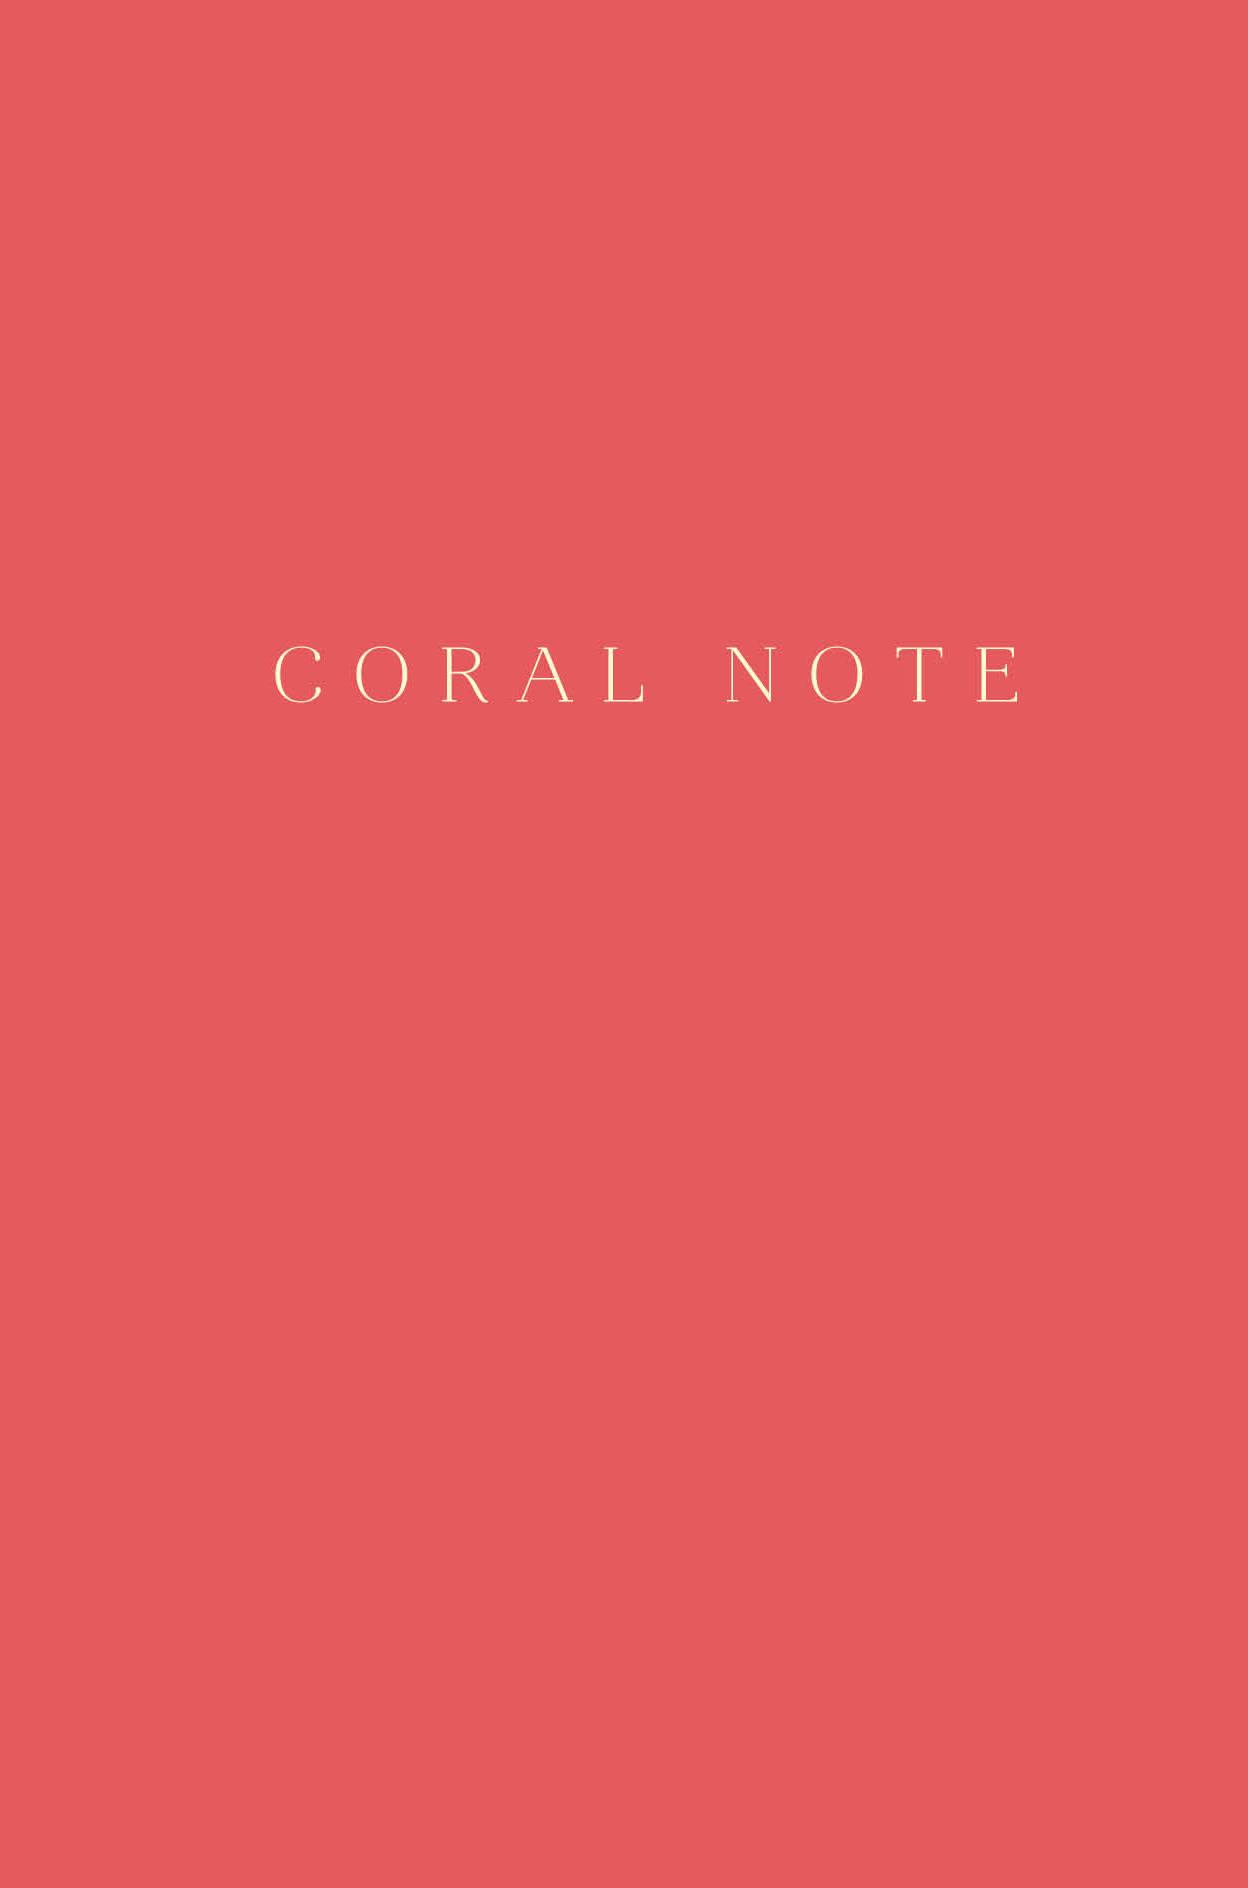 Coral Note. Блокнот с коралловыми страницами (твердый переплет) антихайп красный блокнот твердый переплет 160x243